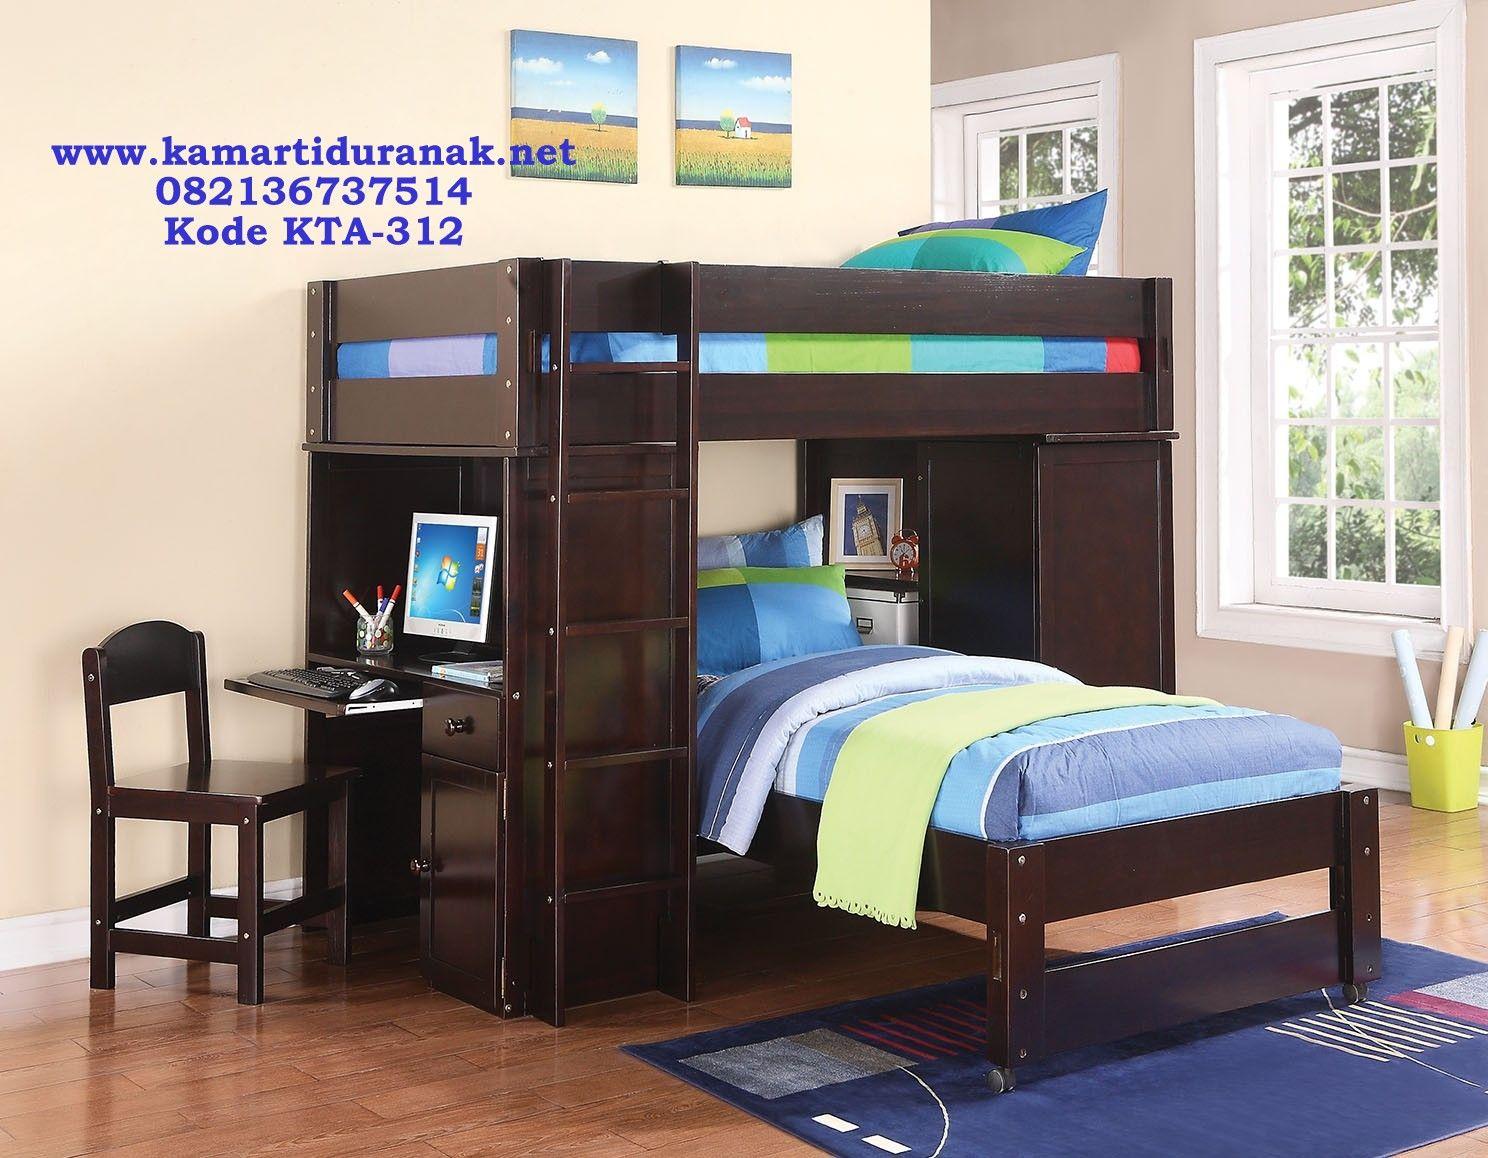 Bunk bed dengan meja belajar minimalis ranjang tingkat